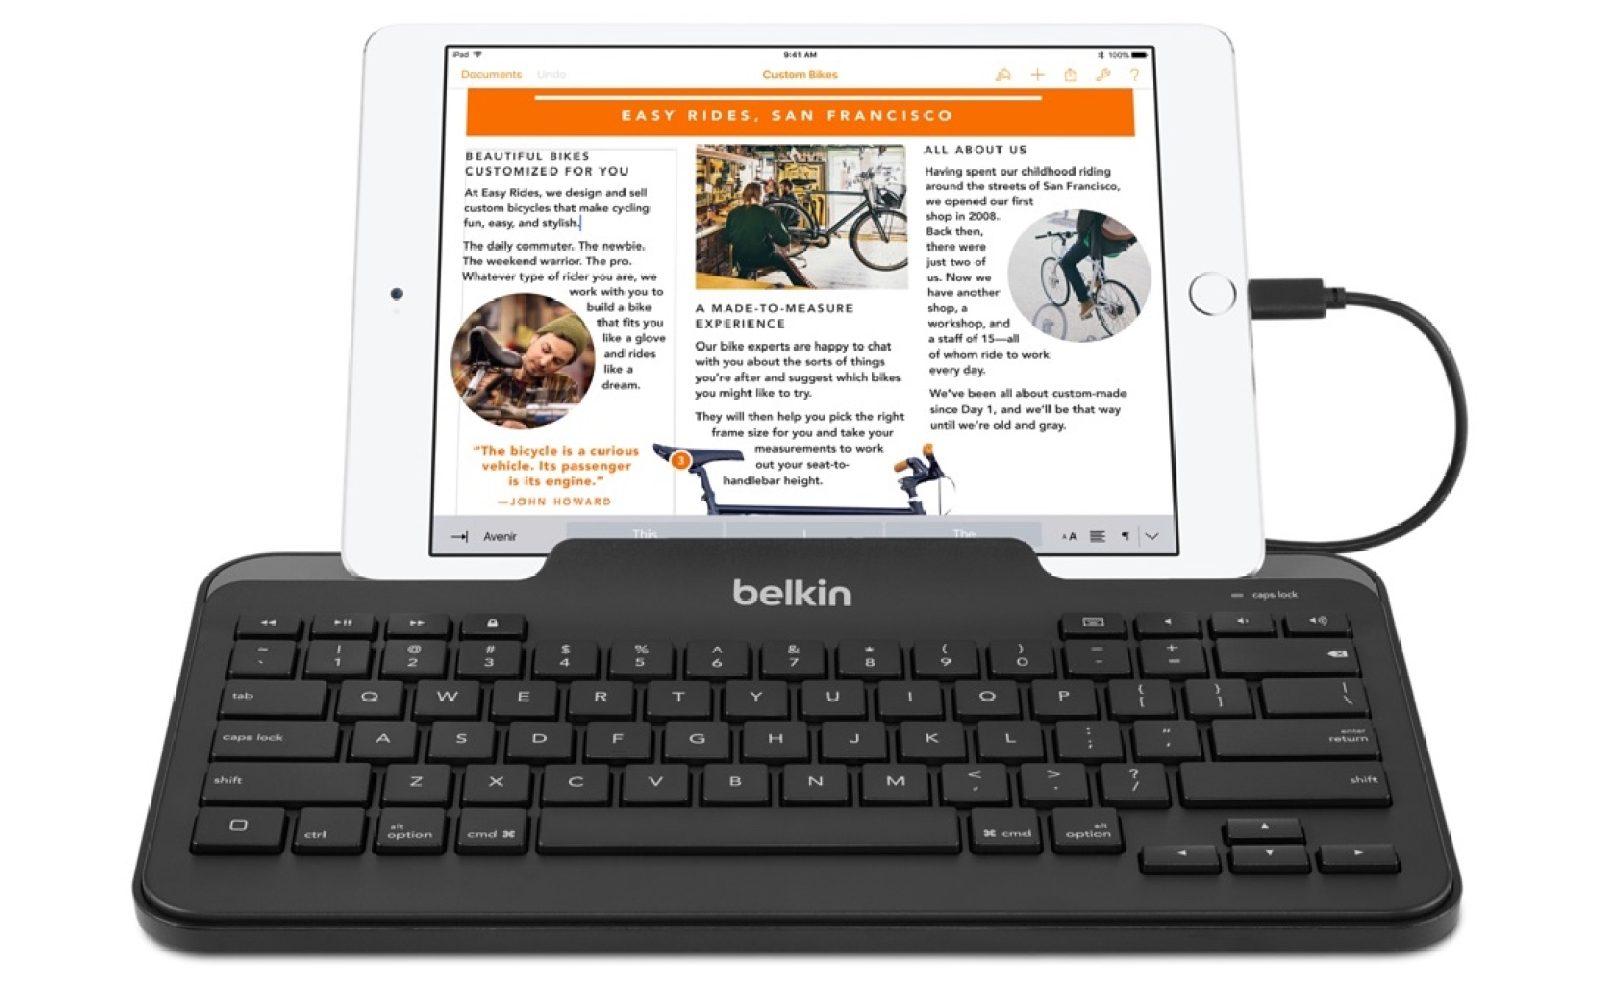 Belkin Apple-Certified MFi Lightning iPad Keyboard w/ Stand: $40 ...